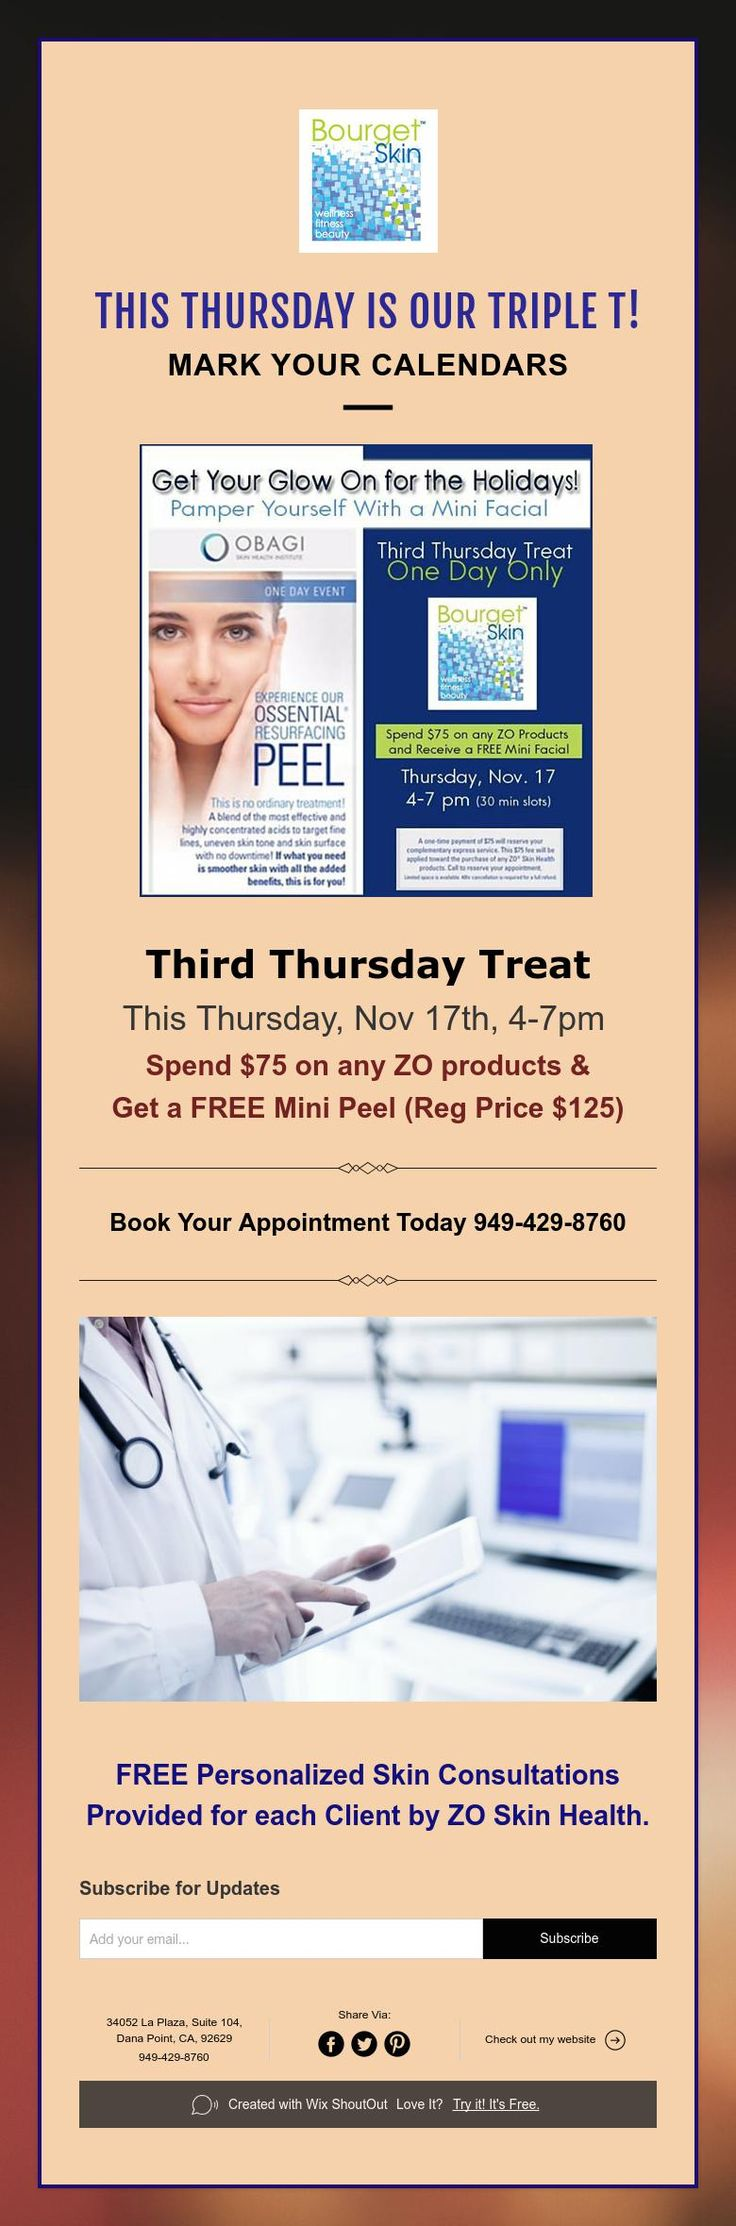 Free Mini Peel* at Triple T Event This Thursday